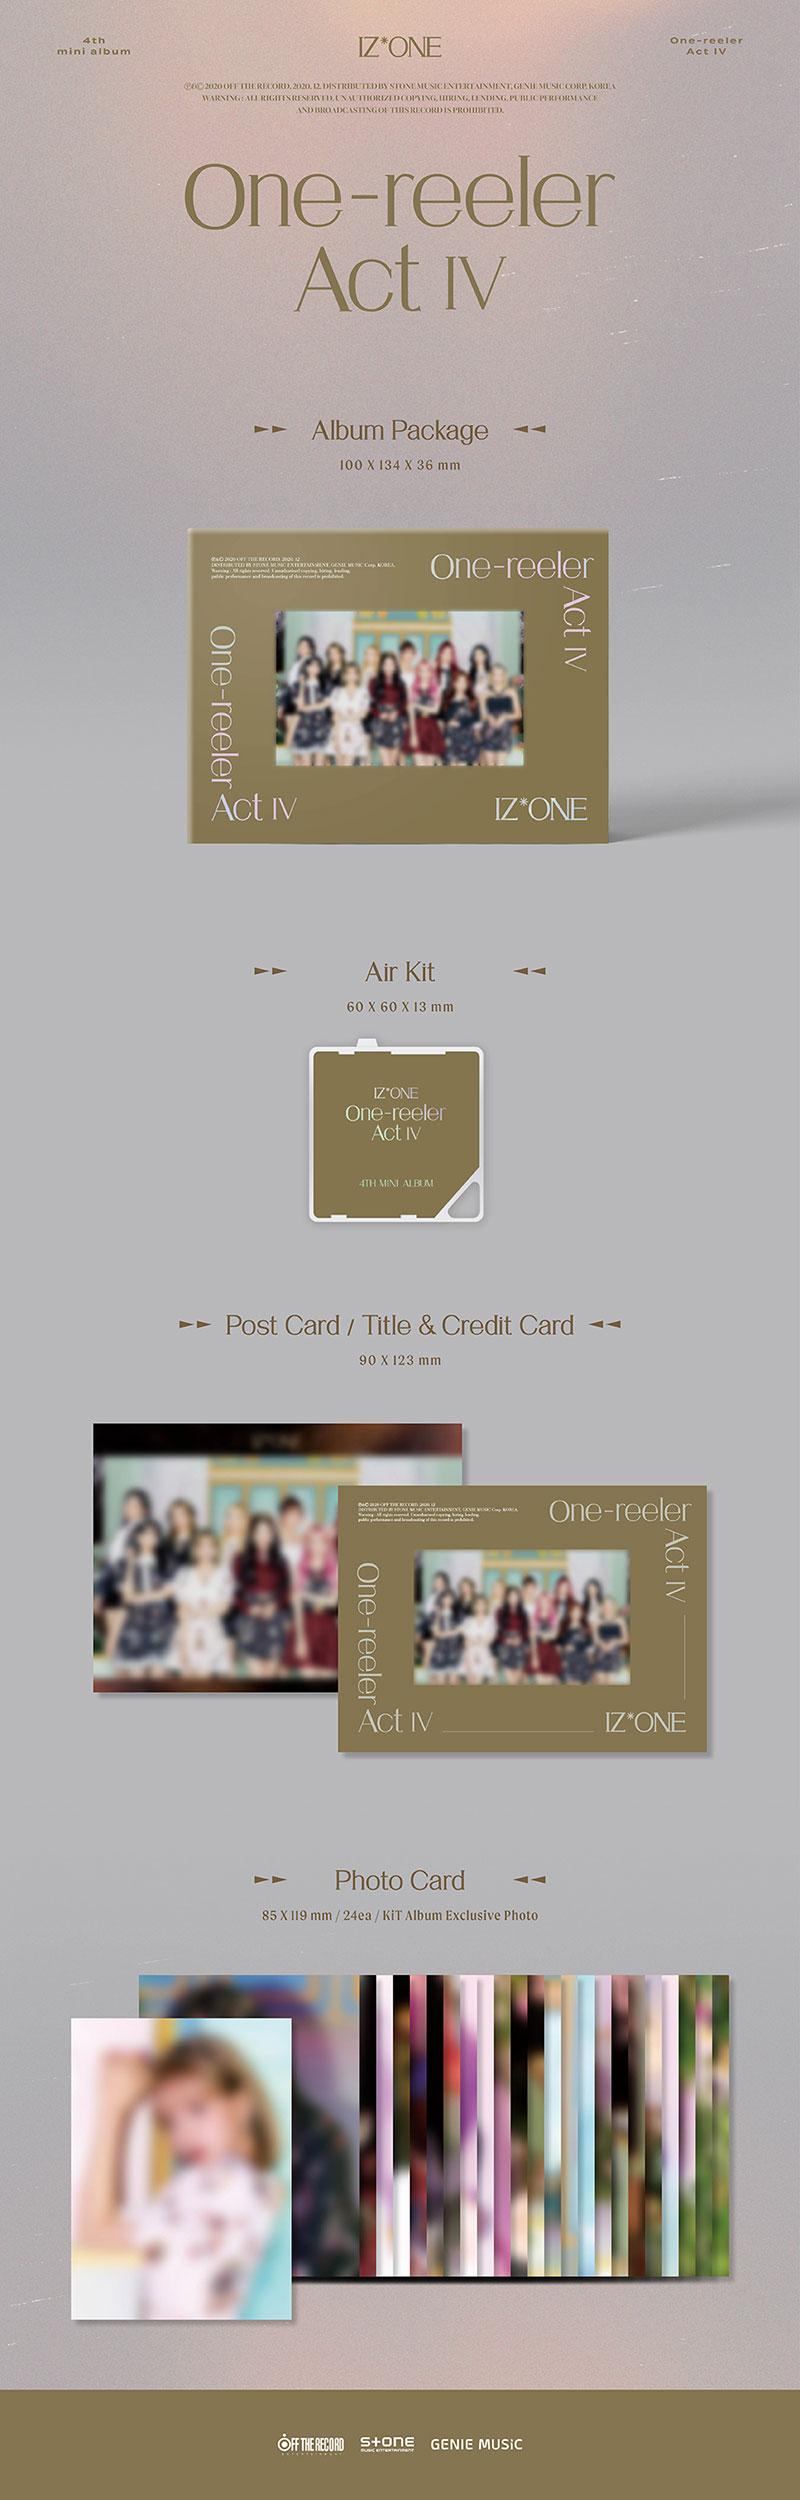 Izone One Reeler Act 4th Mini Album Air Kit Kpop Usa